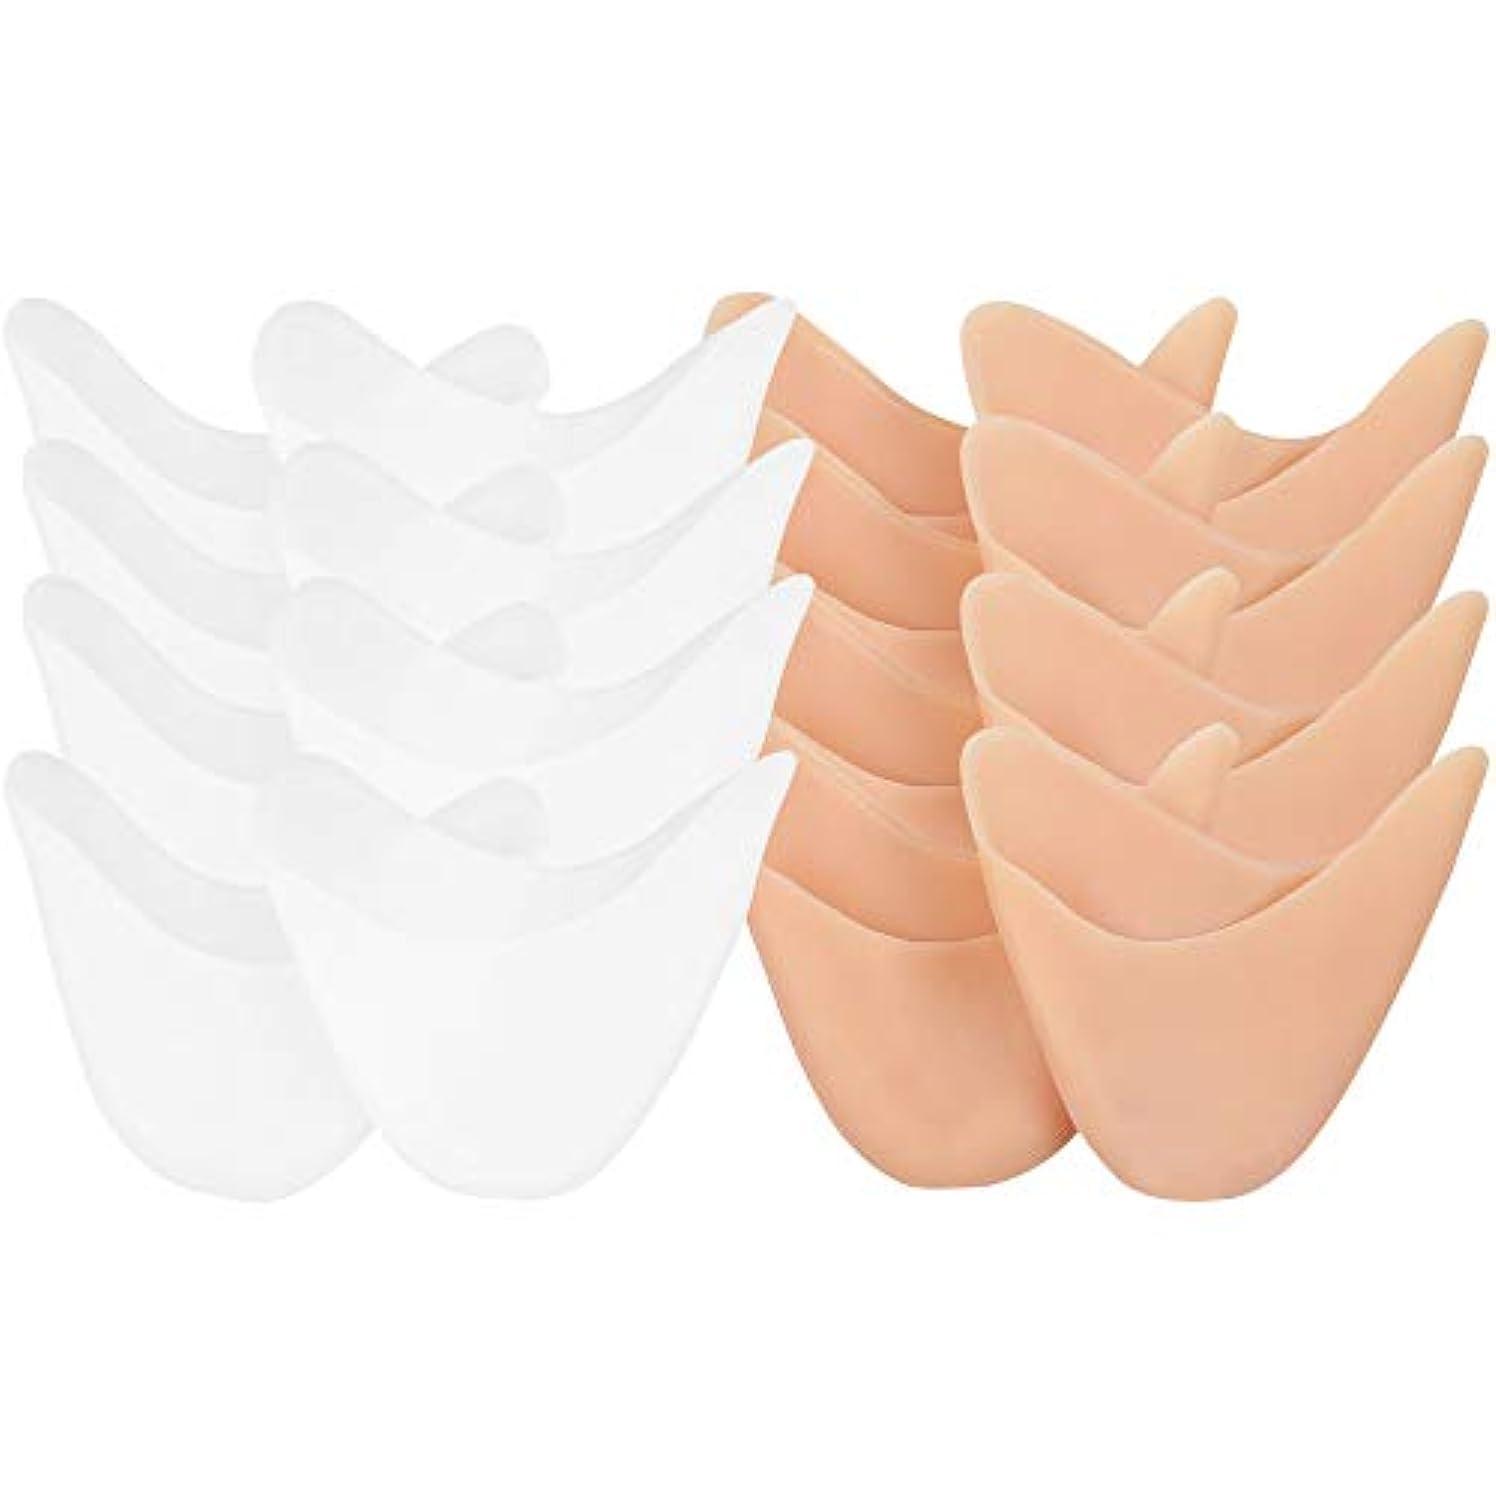 騒々しい中傷効果KINDOYO インソール - ダンスプロテクトトゥキャップ 尖ったバレエシューズ用 足の痛みの軽減,4*肌のトーン+4*ホワイト,9.2*11*6.8cm